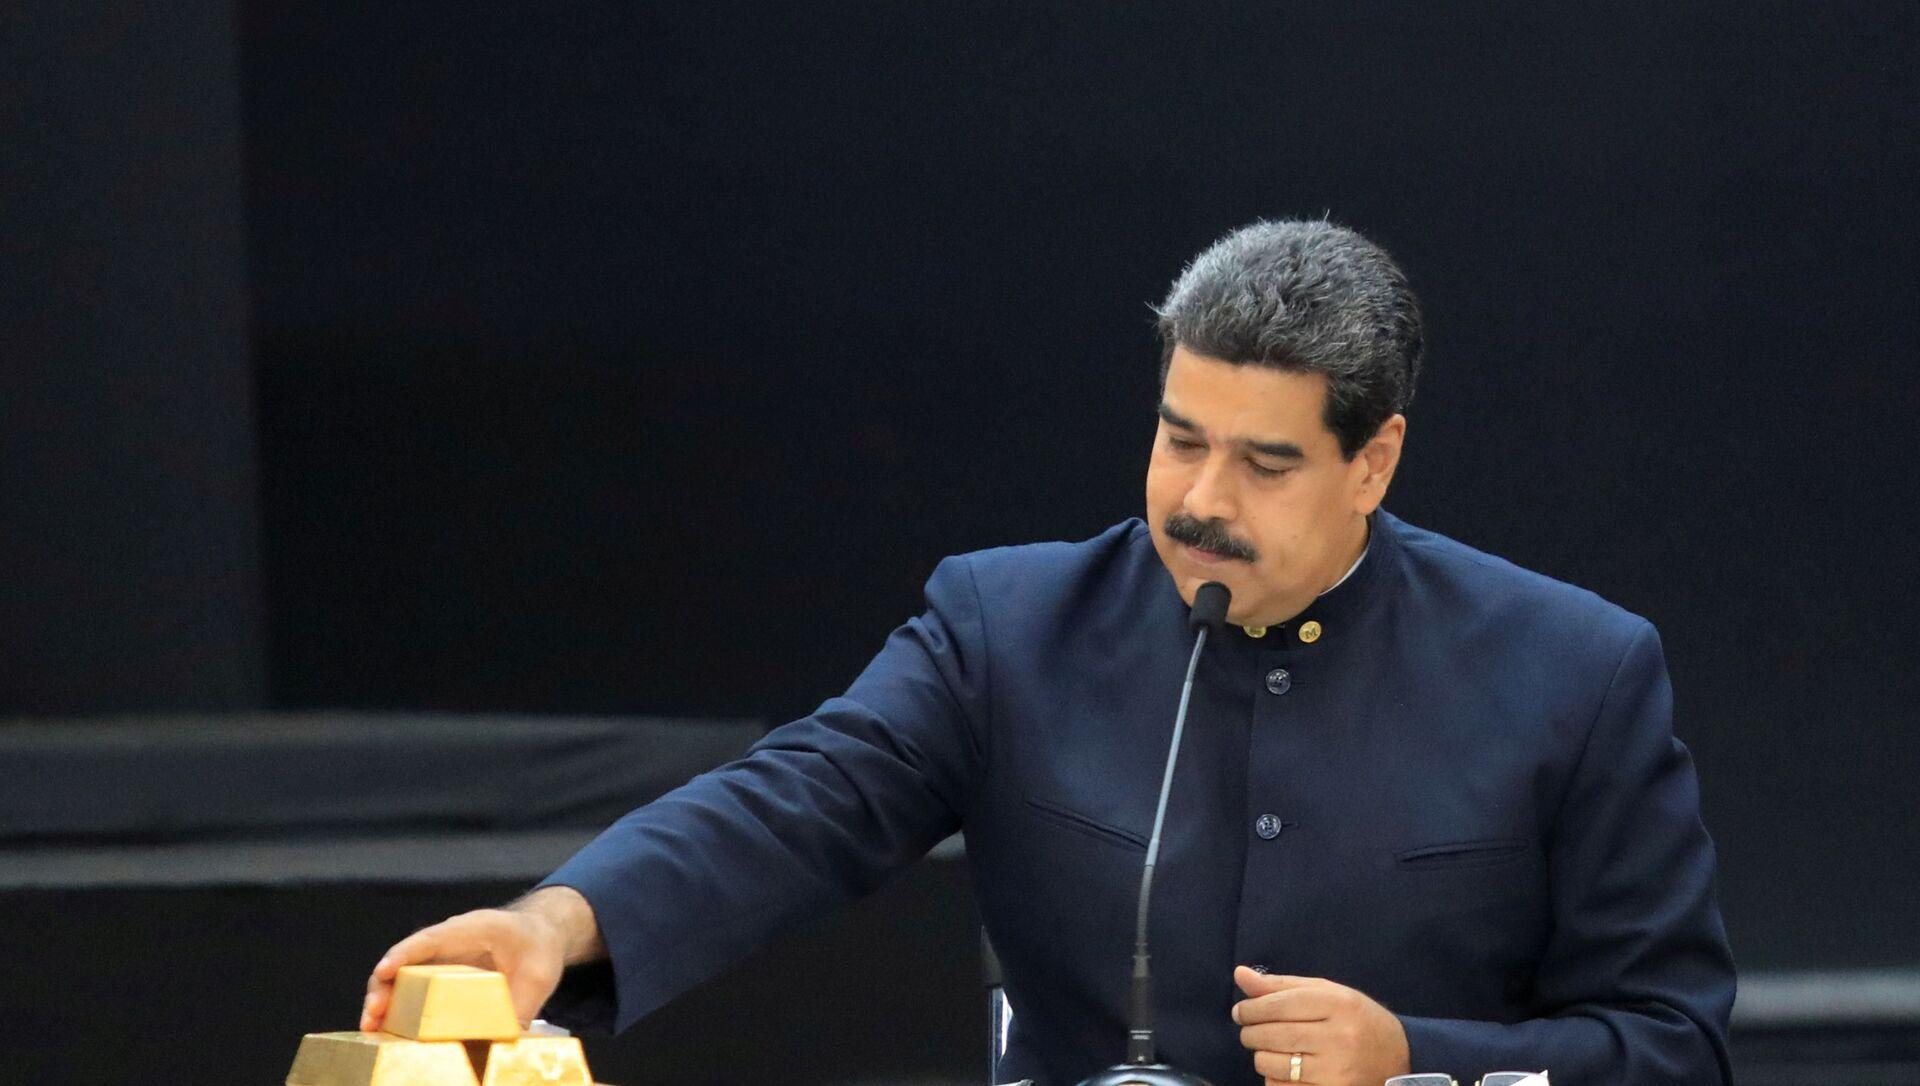 Tổng thống Venezuela Nicolas Maduro cùng với những thỏi vàng - Sputnik Việt Nam, 1920, 04.03.2021